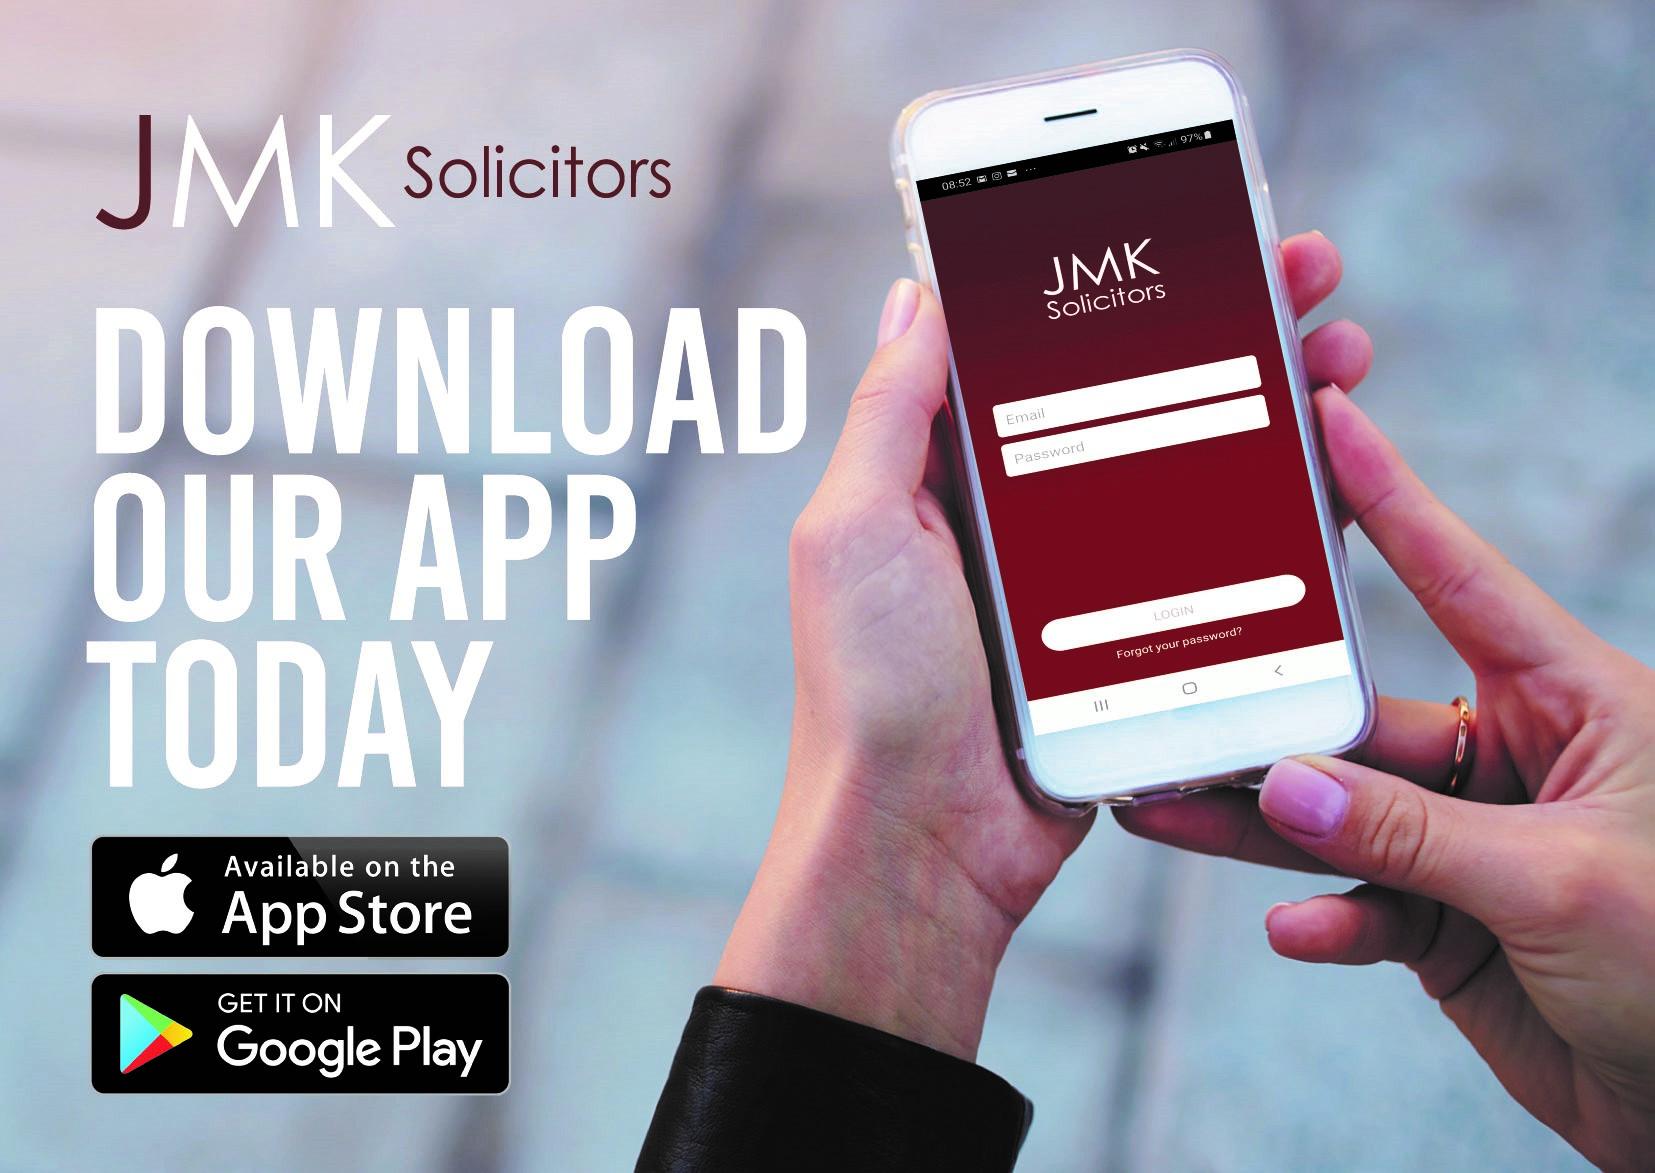 JMK Solicitors App